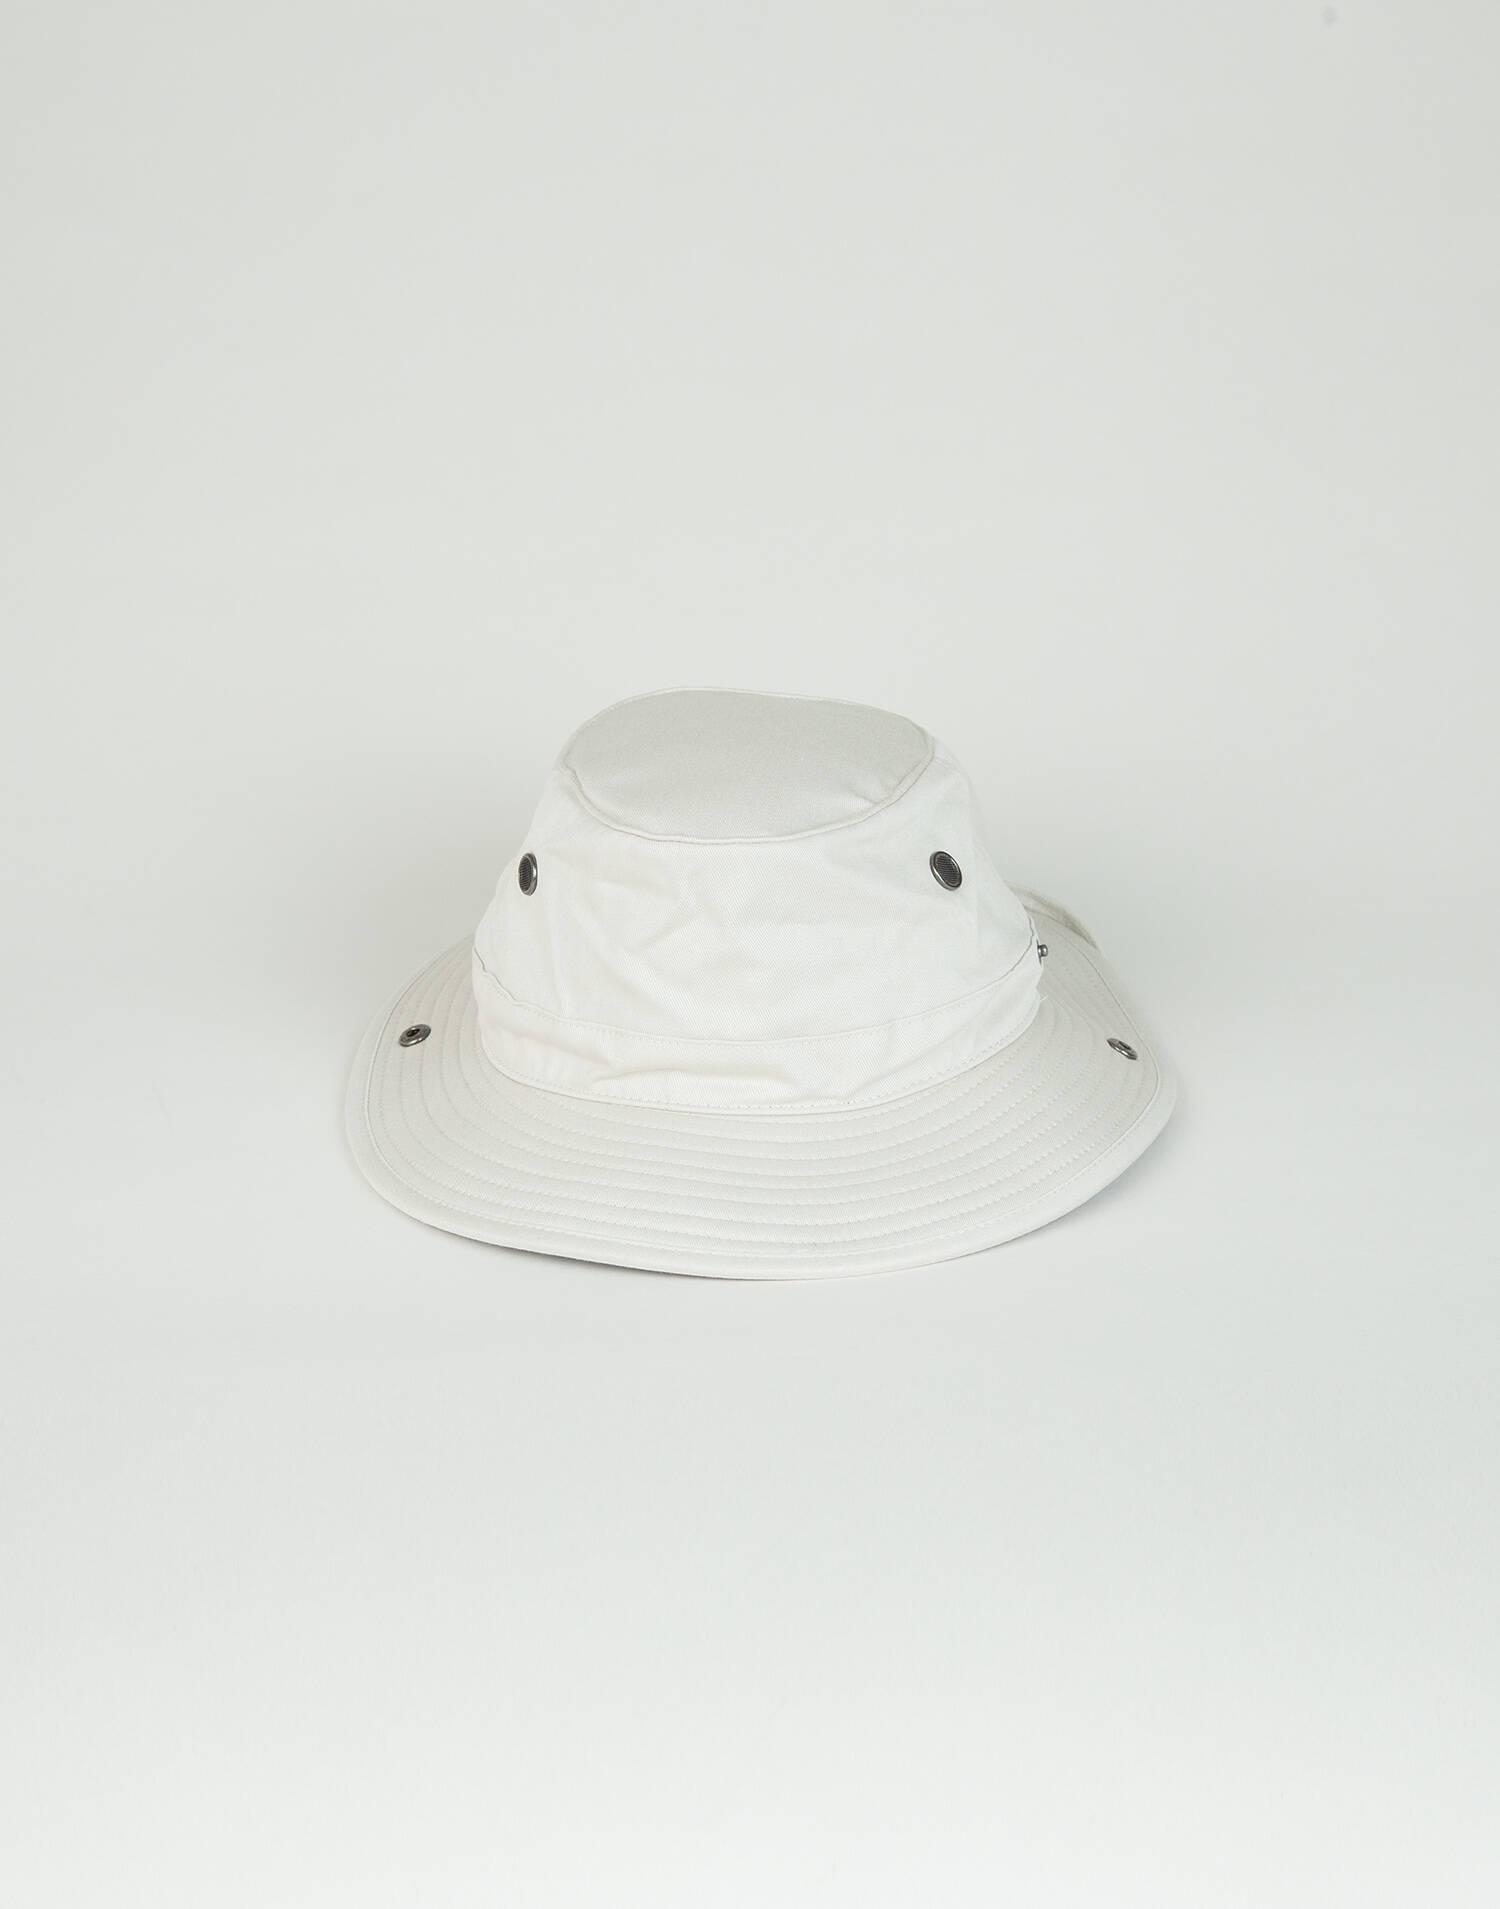 Safari adventure hat